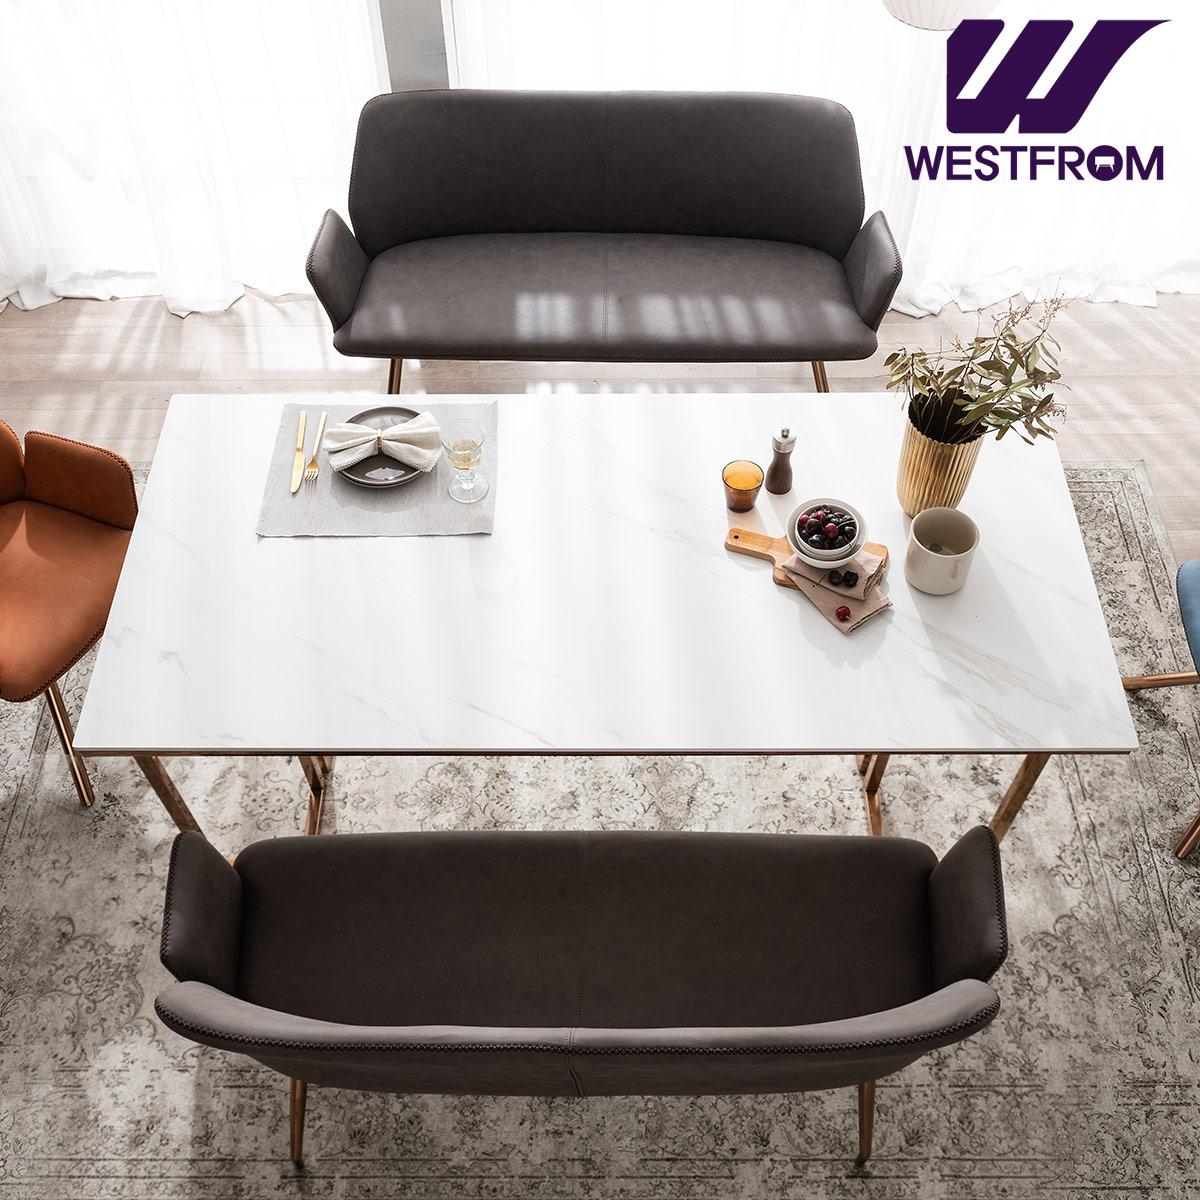 [웨스트프롬] 르노블 4인 포세린 세라믹 식탁 + 벤치 2개